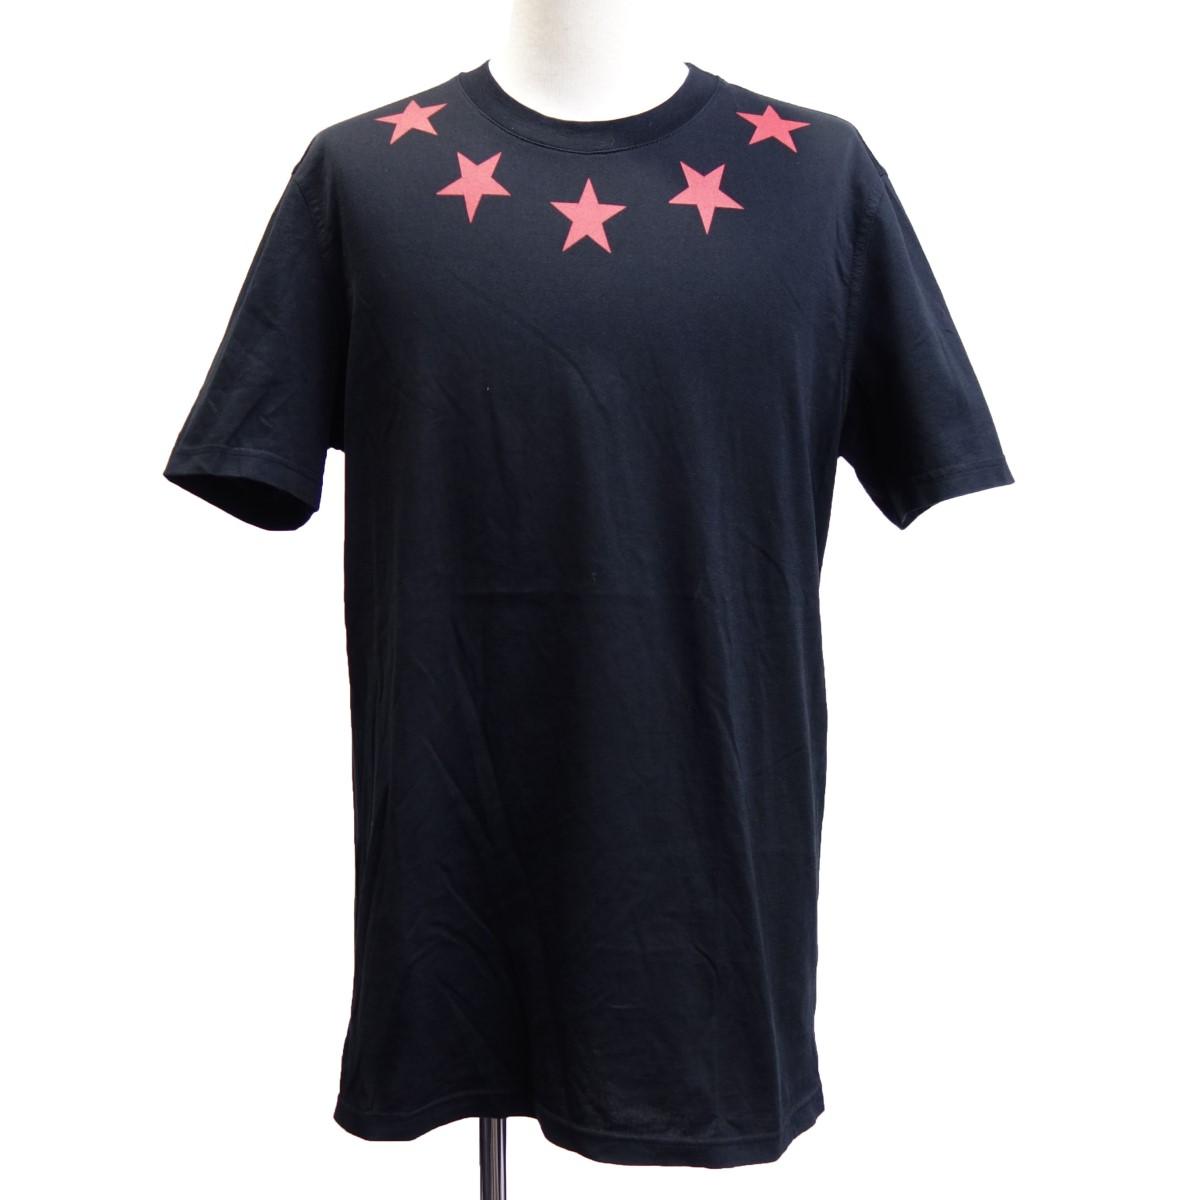 【中古】GIVENCHY 11SS スタープリントTシャツ ブラック サイズ:S 【290420】(ジバンシィ)